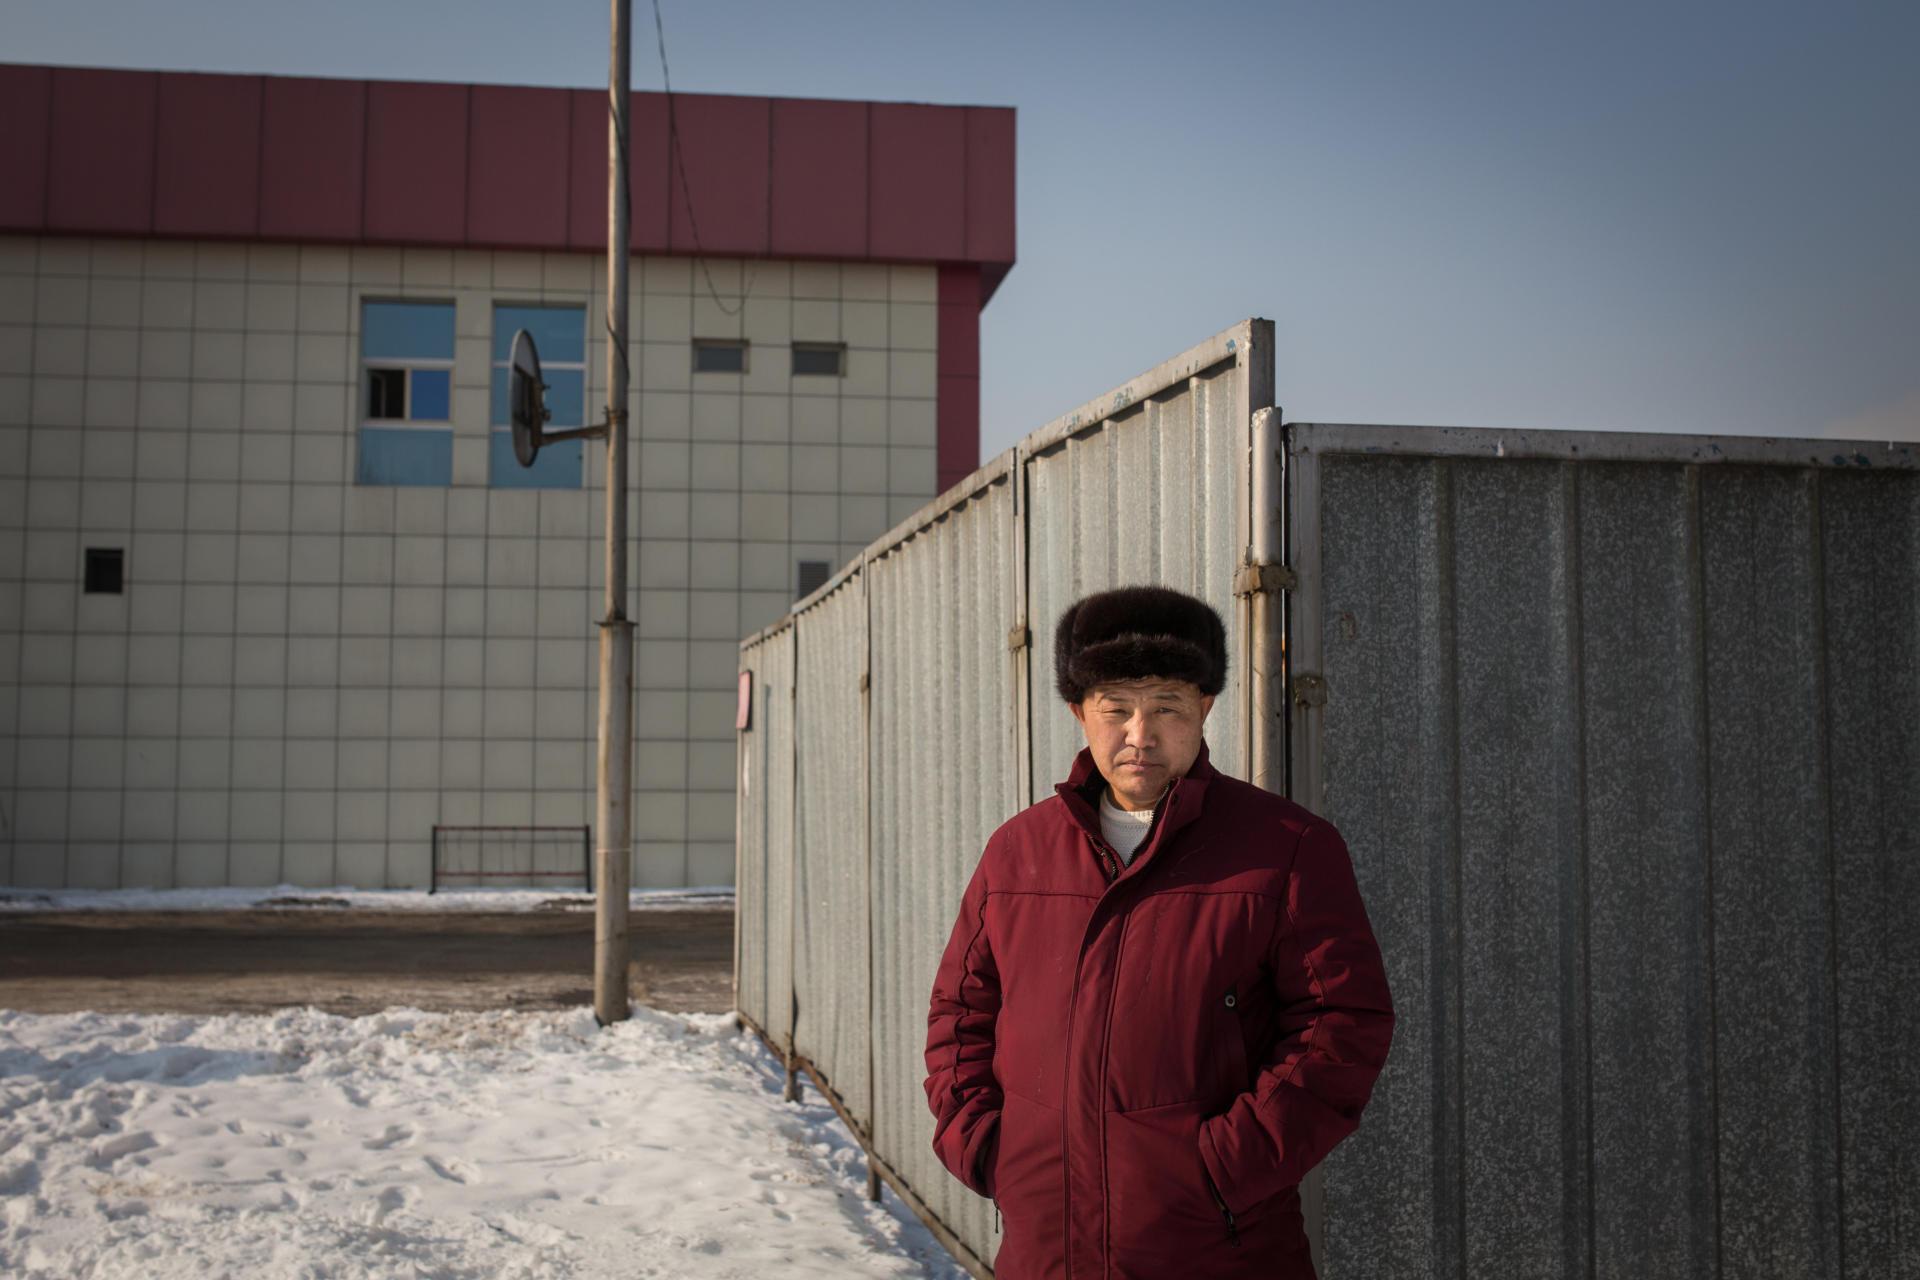 Orinbek Koksebek, 38 ans, a passé 125 jours en détention en Chine début 2018. Lui qui parle très mal le mandarin devait apprendre par cœur trois chansons:«La Marche des volontaires»(l'hymne national chinois), et deux chants maoïstes,«L'Orient est rouge»,et«Sans le parti communiste, il n'y a pas de Chine nouvelle». S'il ne s'y soumet pas, il risque cinq ans en détention. A six reprises, il fut envoyé au cachot pour vingt-quatre heures,nourri d'un beignet, sans eau. A Almaty, au Kazakhstan, en décembre 2018.